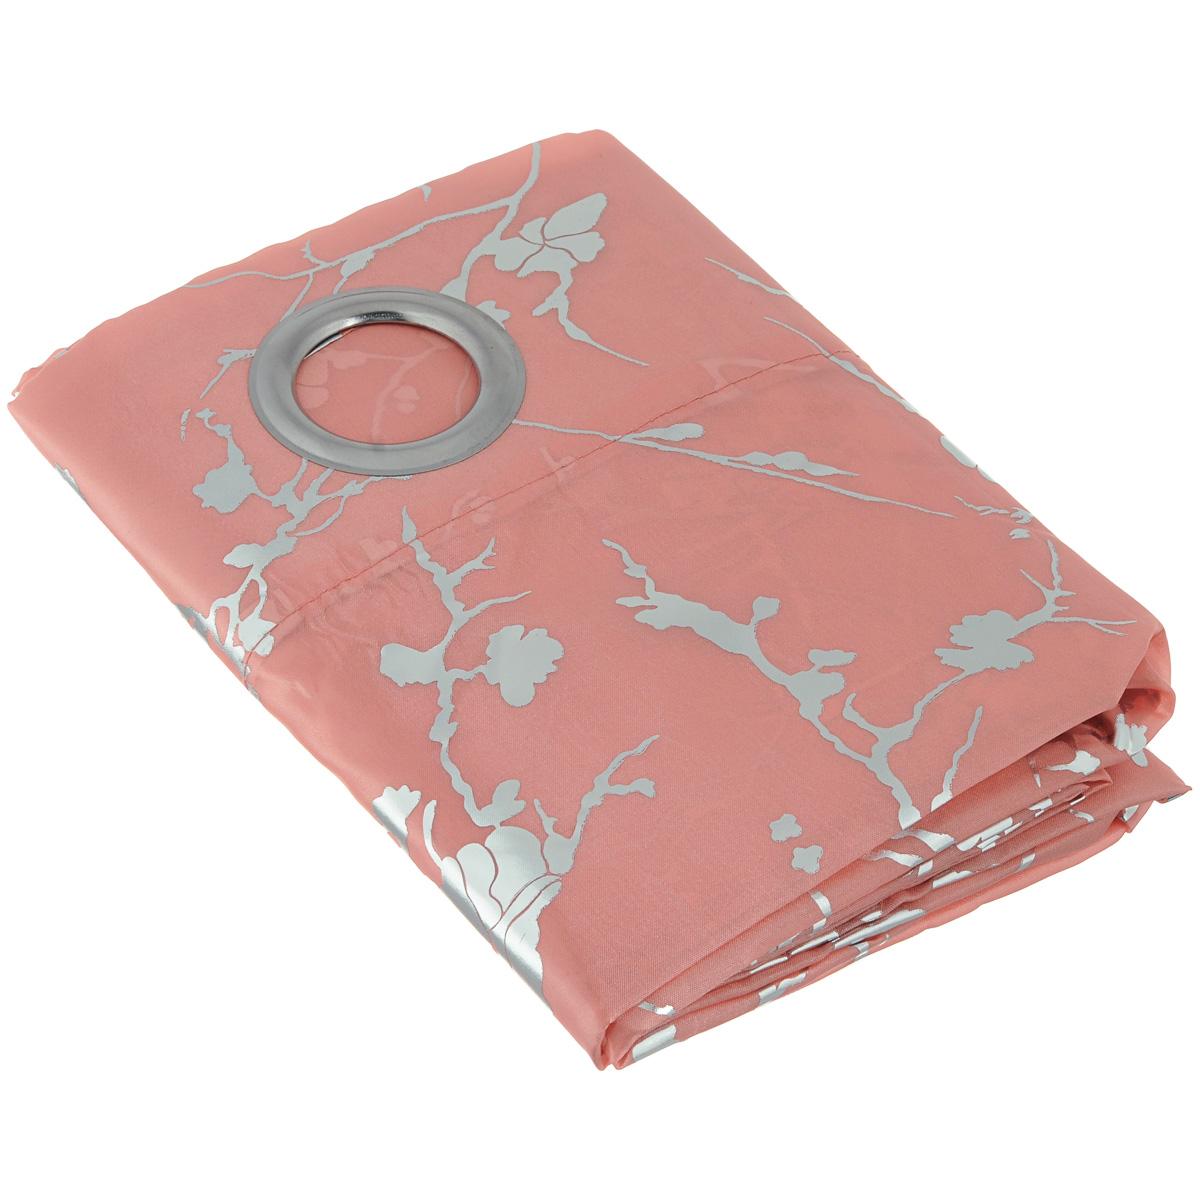 Штора Home Queen Металлик, на люверсах, цвет: розовый, высота 275 см. 6502465024Изящная штора Home Queen Металлик выполнена из полиэстера. Плотная ткань, приятная цветовая гамма и металлизированный цветочный узор привлекут к себе внимание и органично впишутся в интерьер помещения. Эта штора будет долгое время радовать вас и вашу семью! Штора крепится на карниз при помощи люверсов. Диаметр отверстия люверса: 4 см.